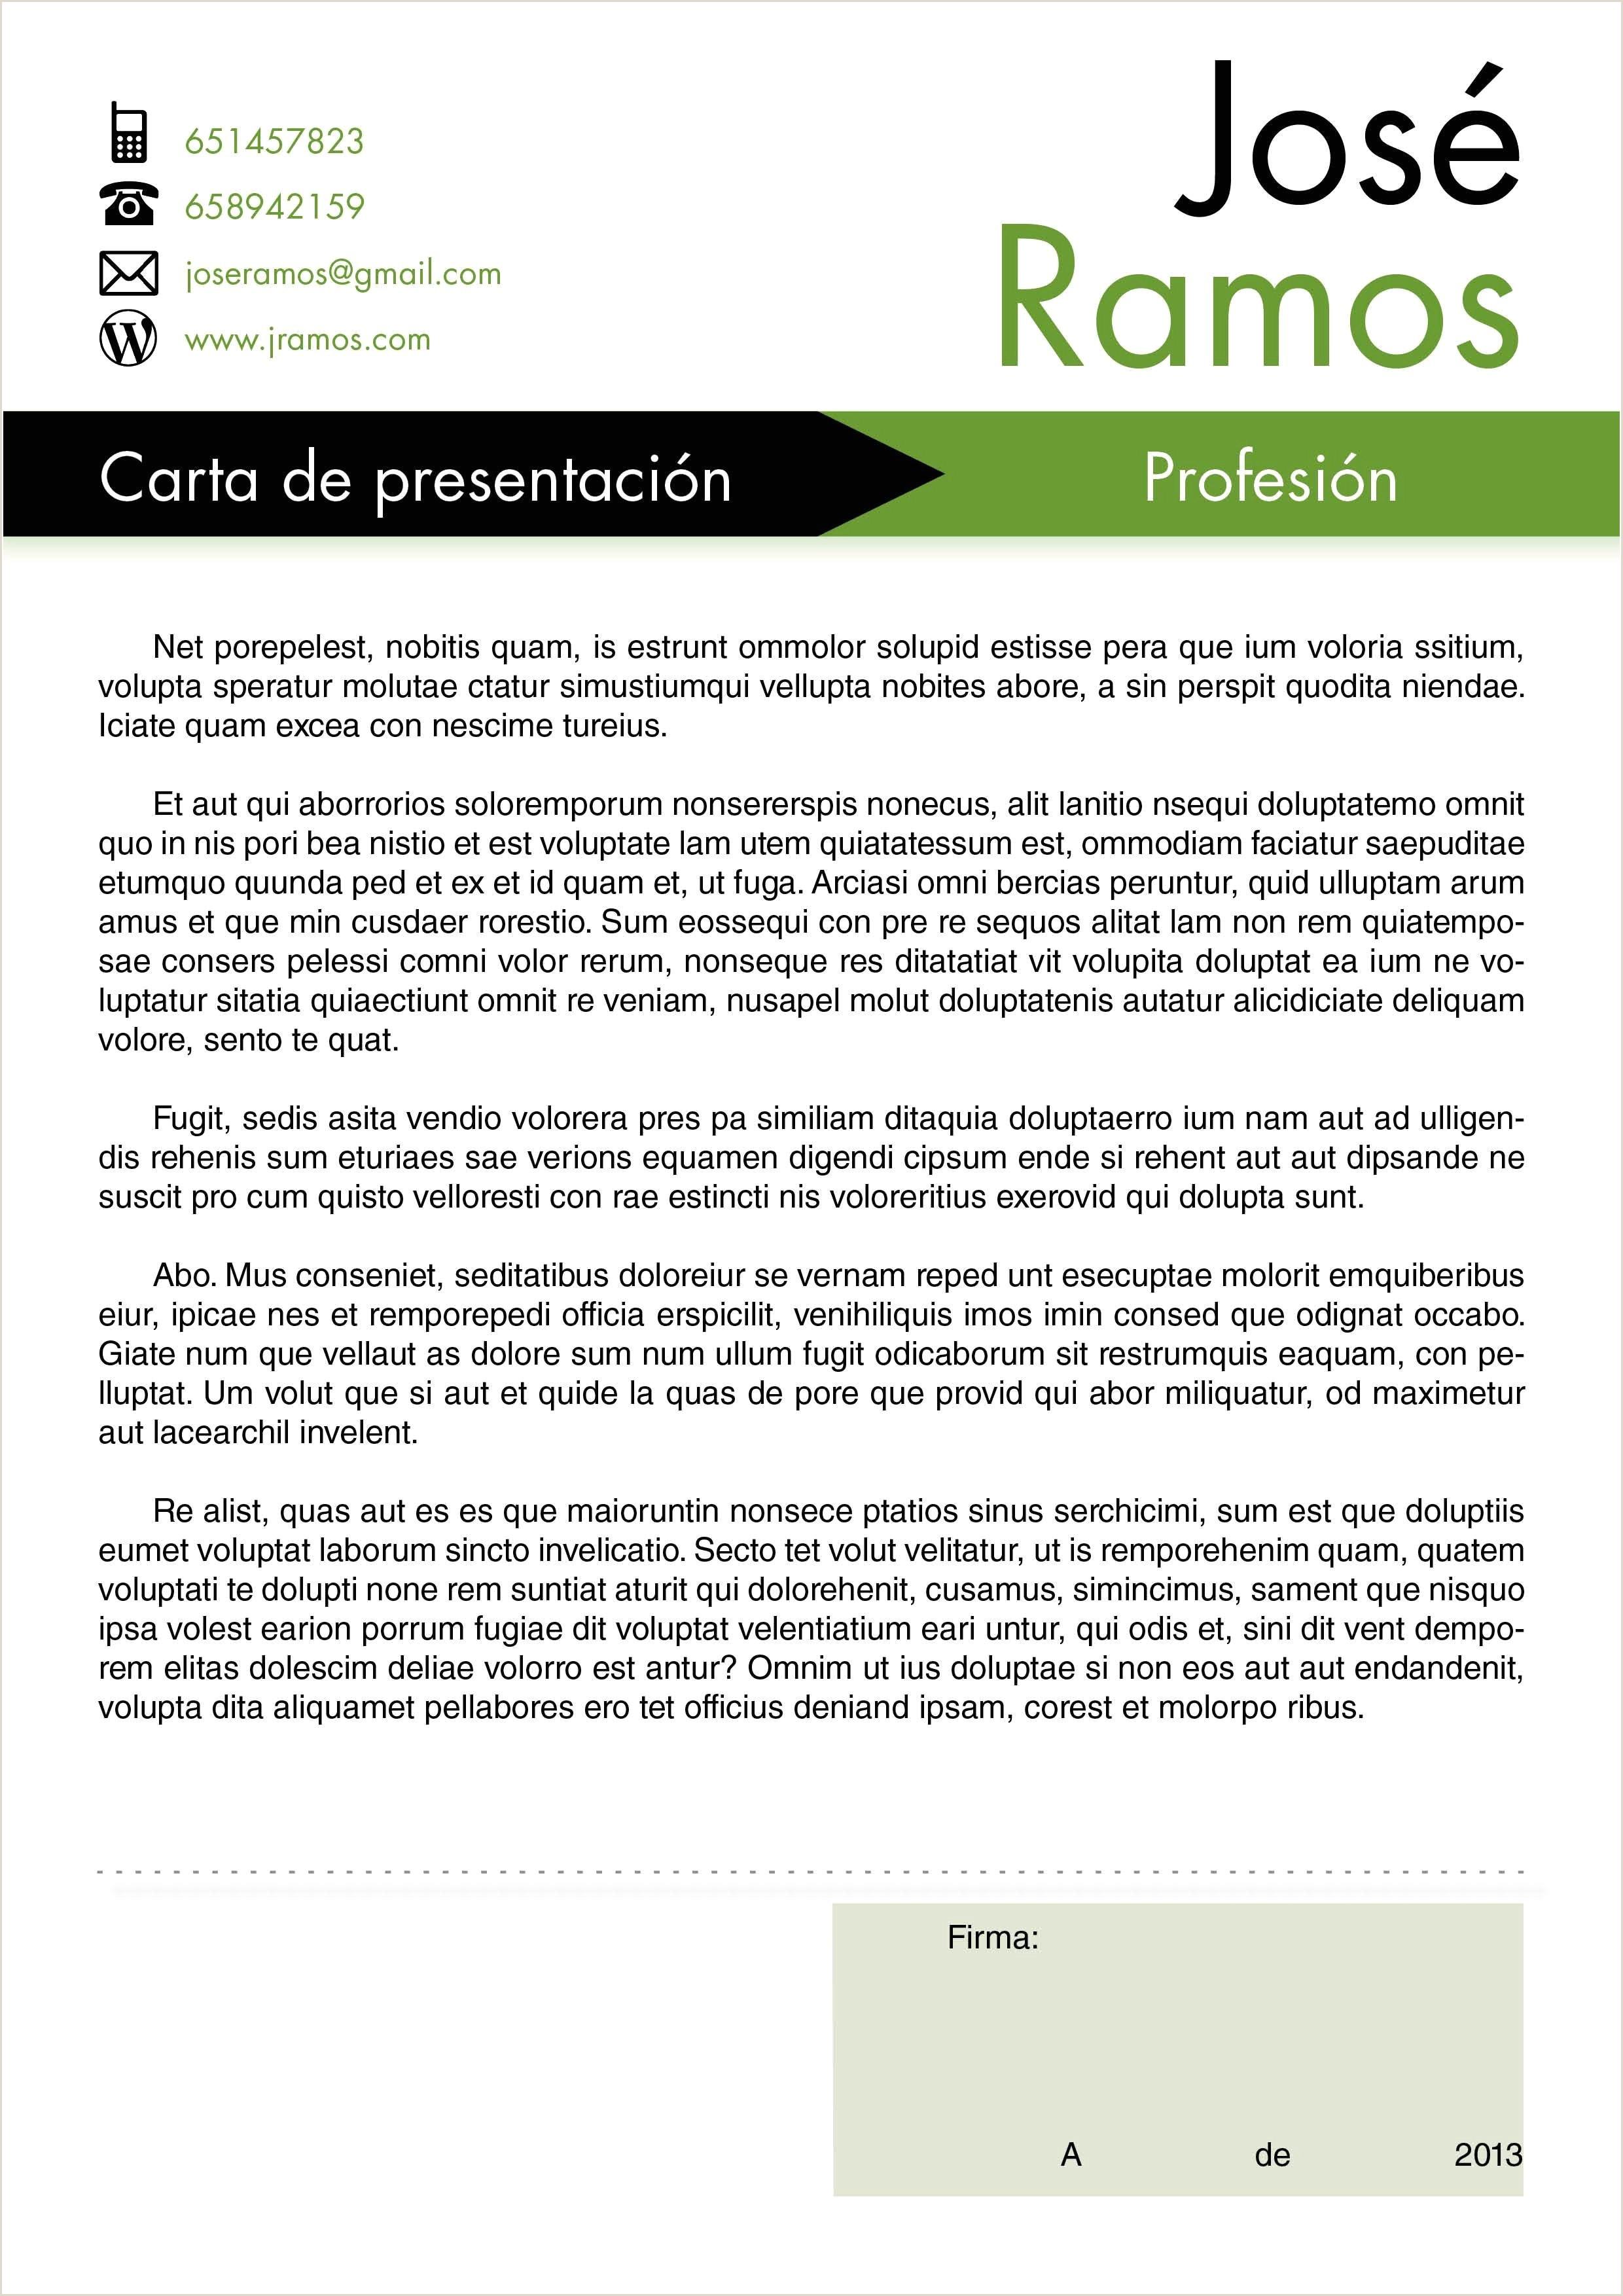 Curriculum Vitae Modelo Word Para pletar Creador De Cv